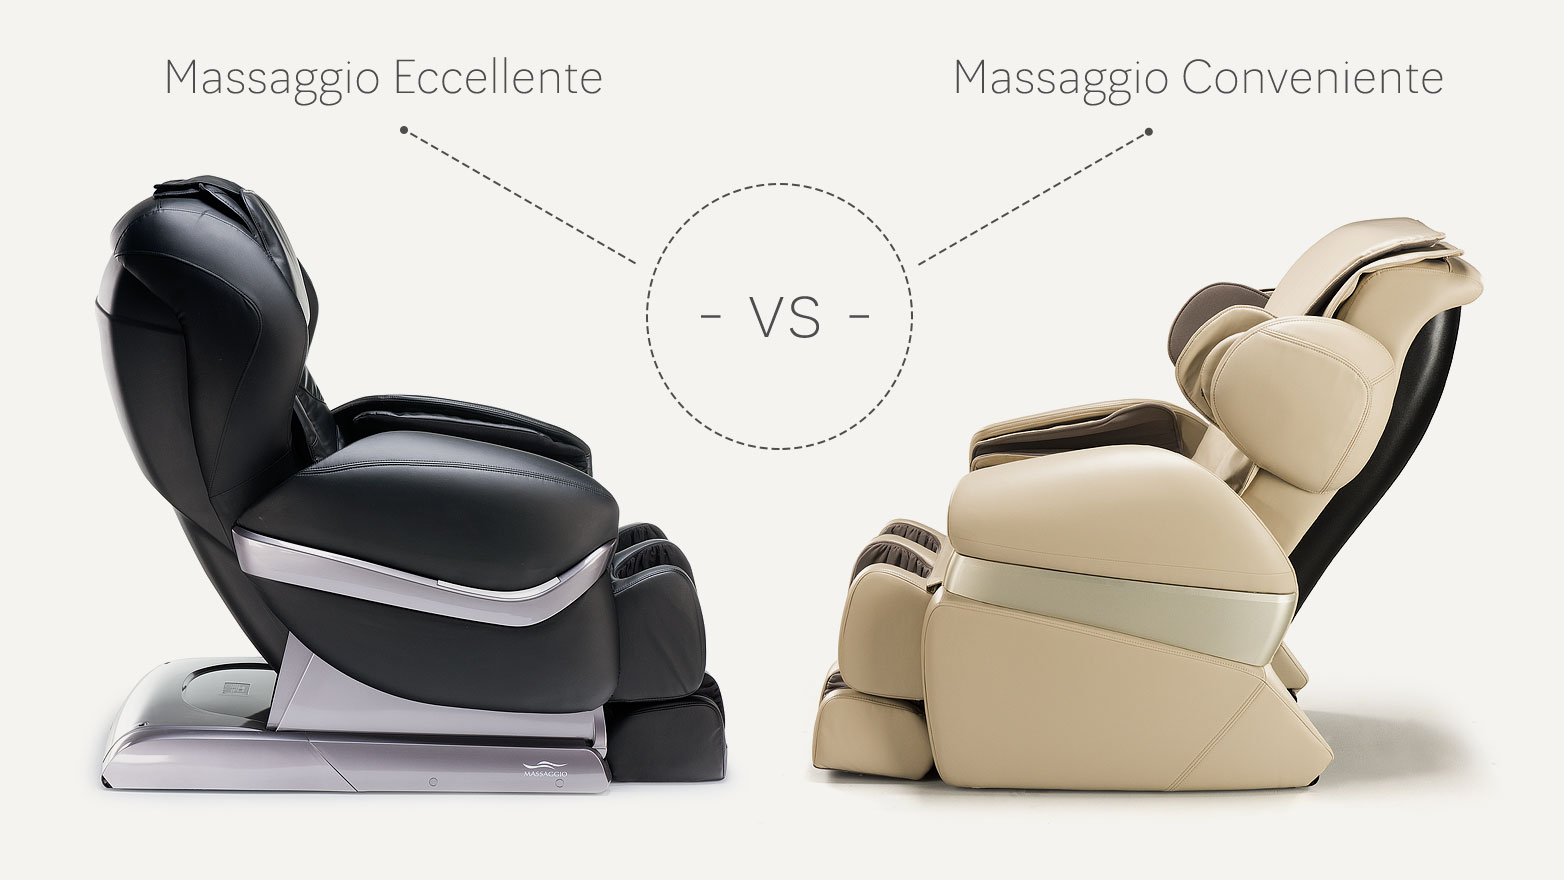 Fotele masujące Massaggio Eccellente vs Conveniente